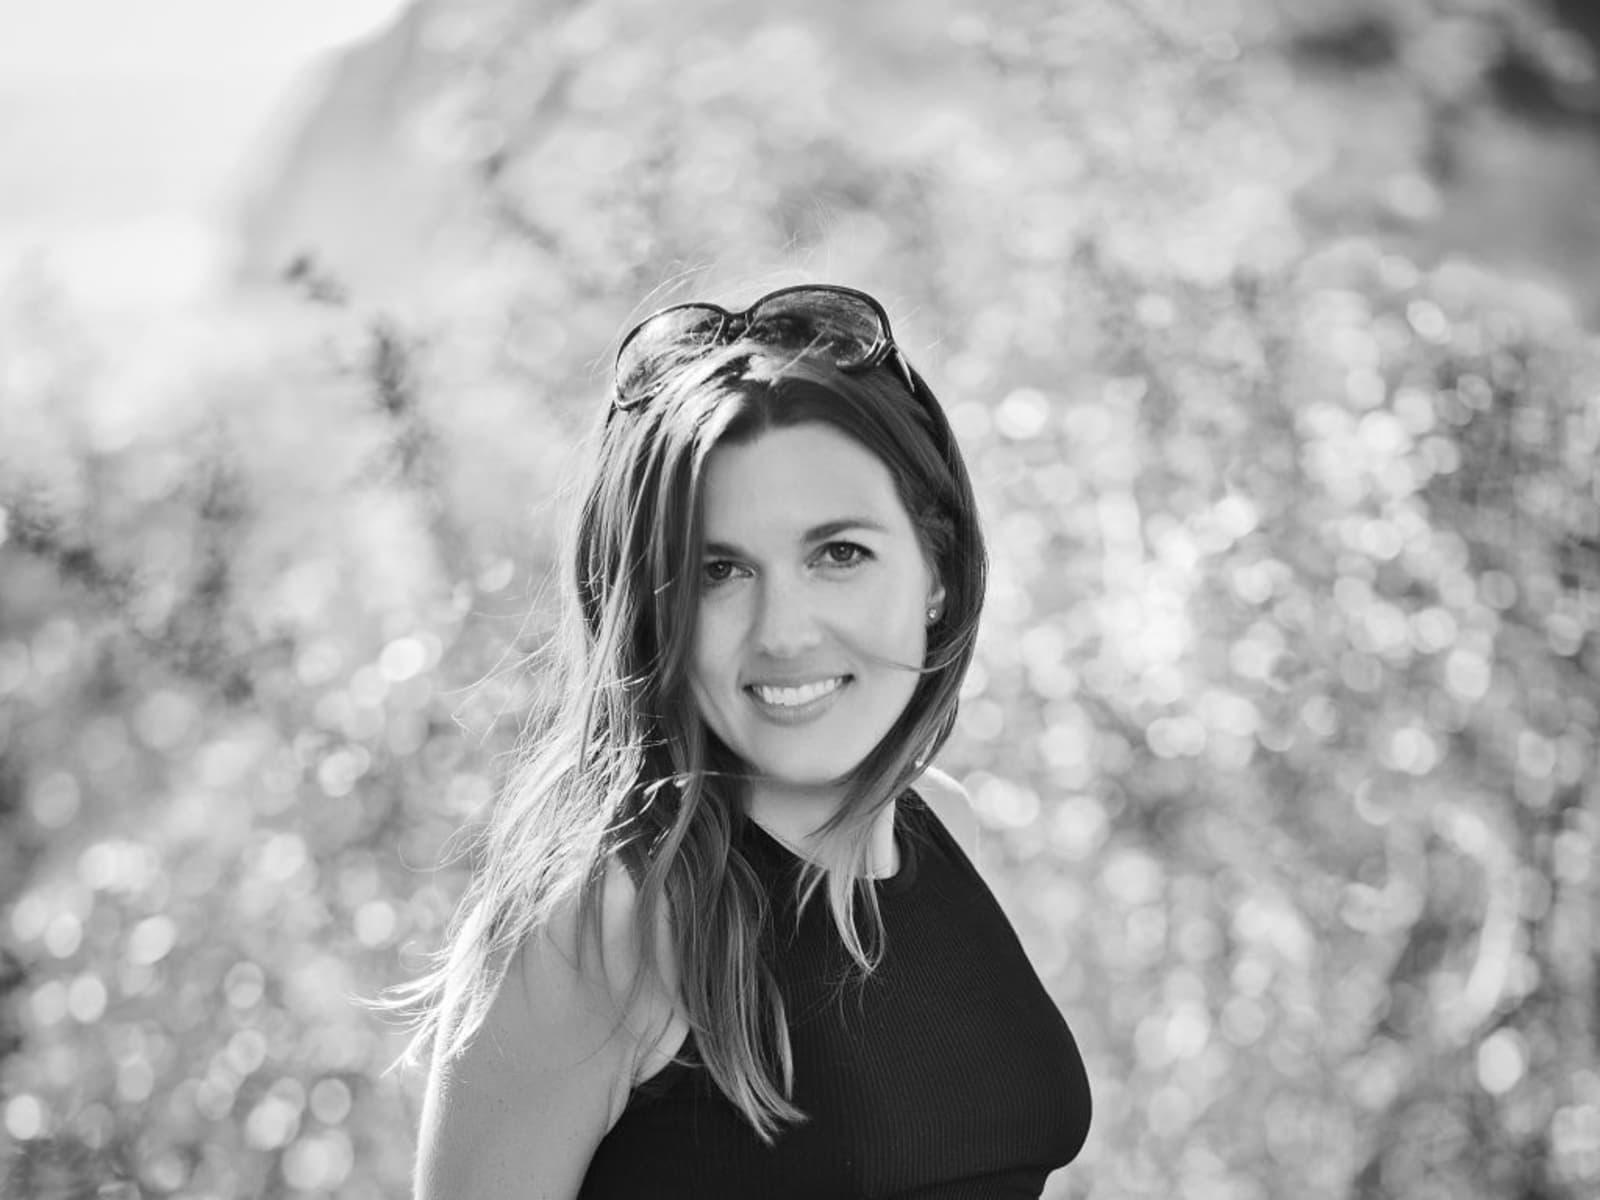 Kaitlyn from Seattle, Washington, United States